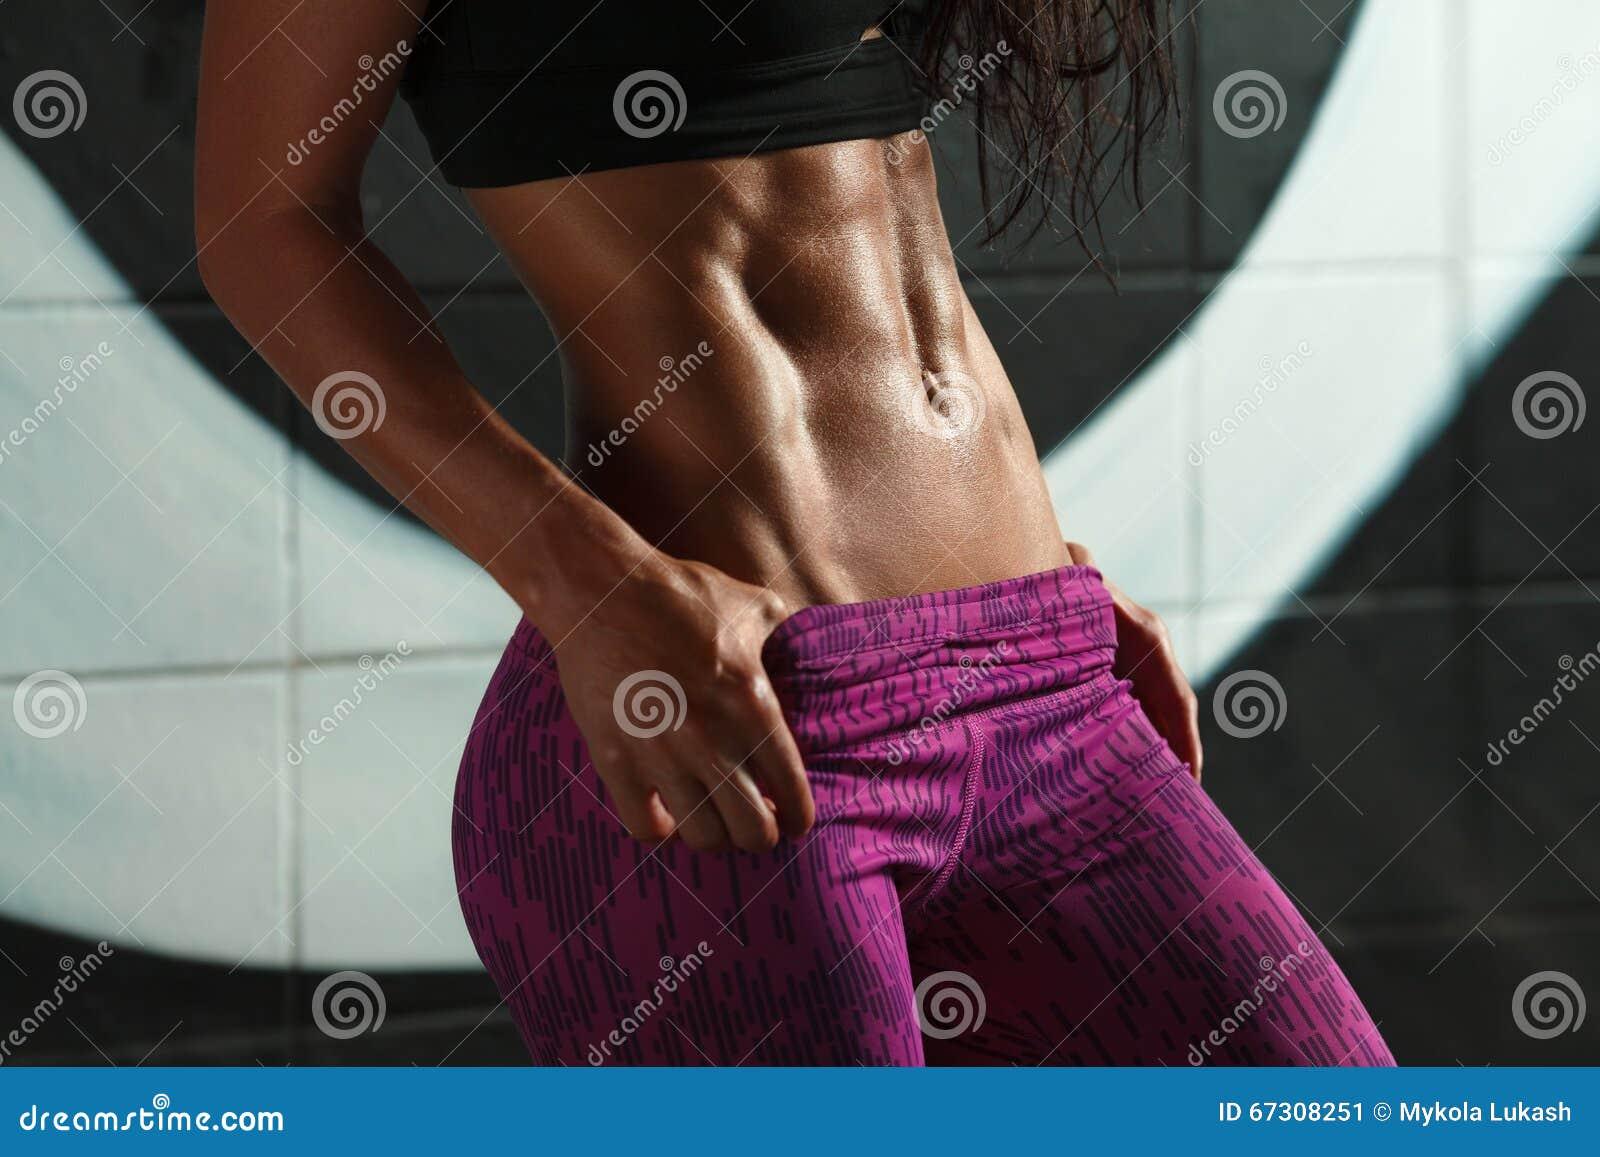 För kvinnavisning för kondition buktar sexiga abs och lägenheten Härlig muskulös flicka, formad buk- slank midja